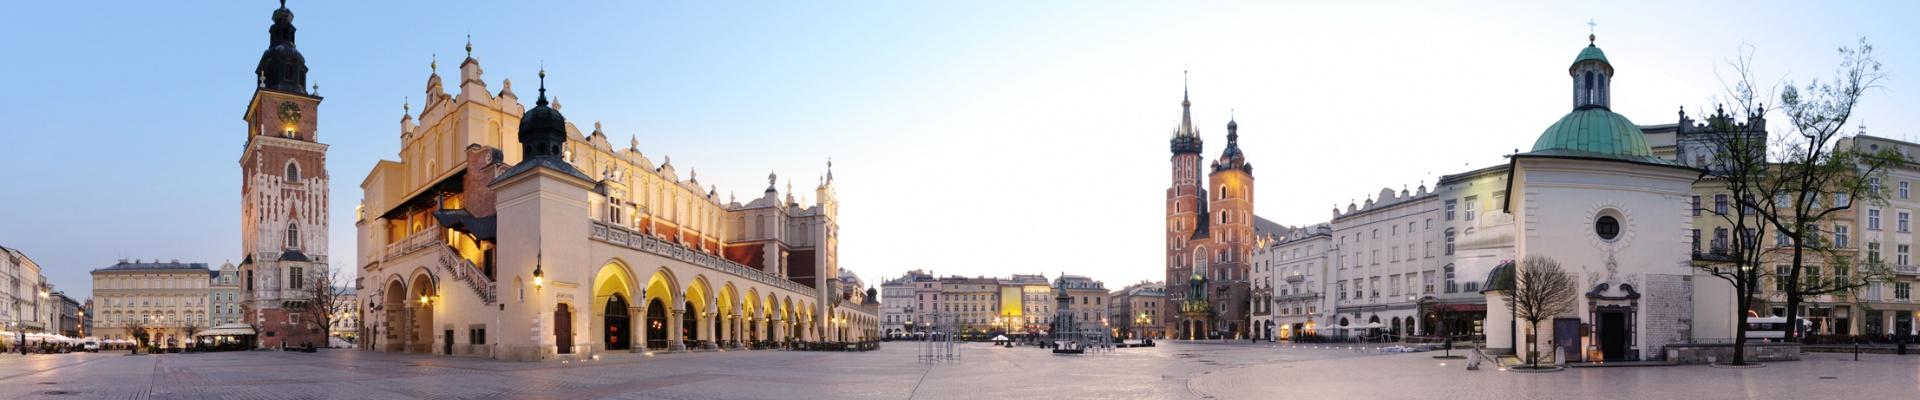 Discover...<br/>Krakow